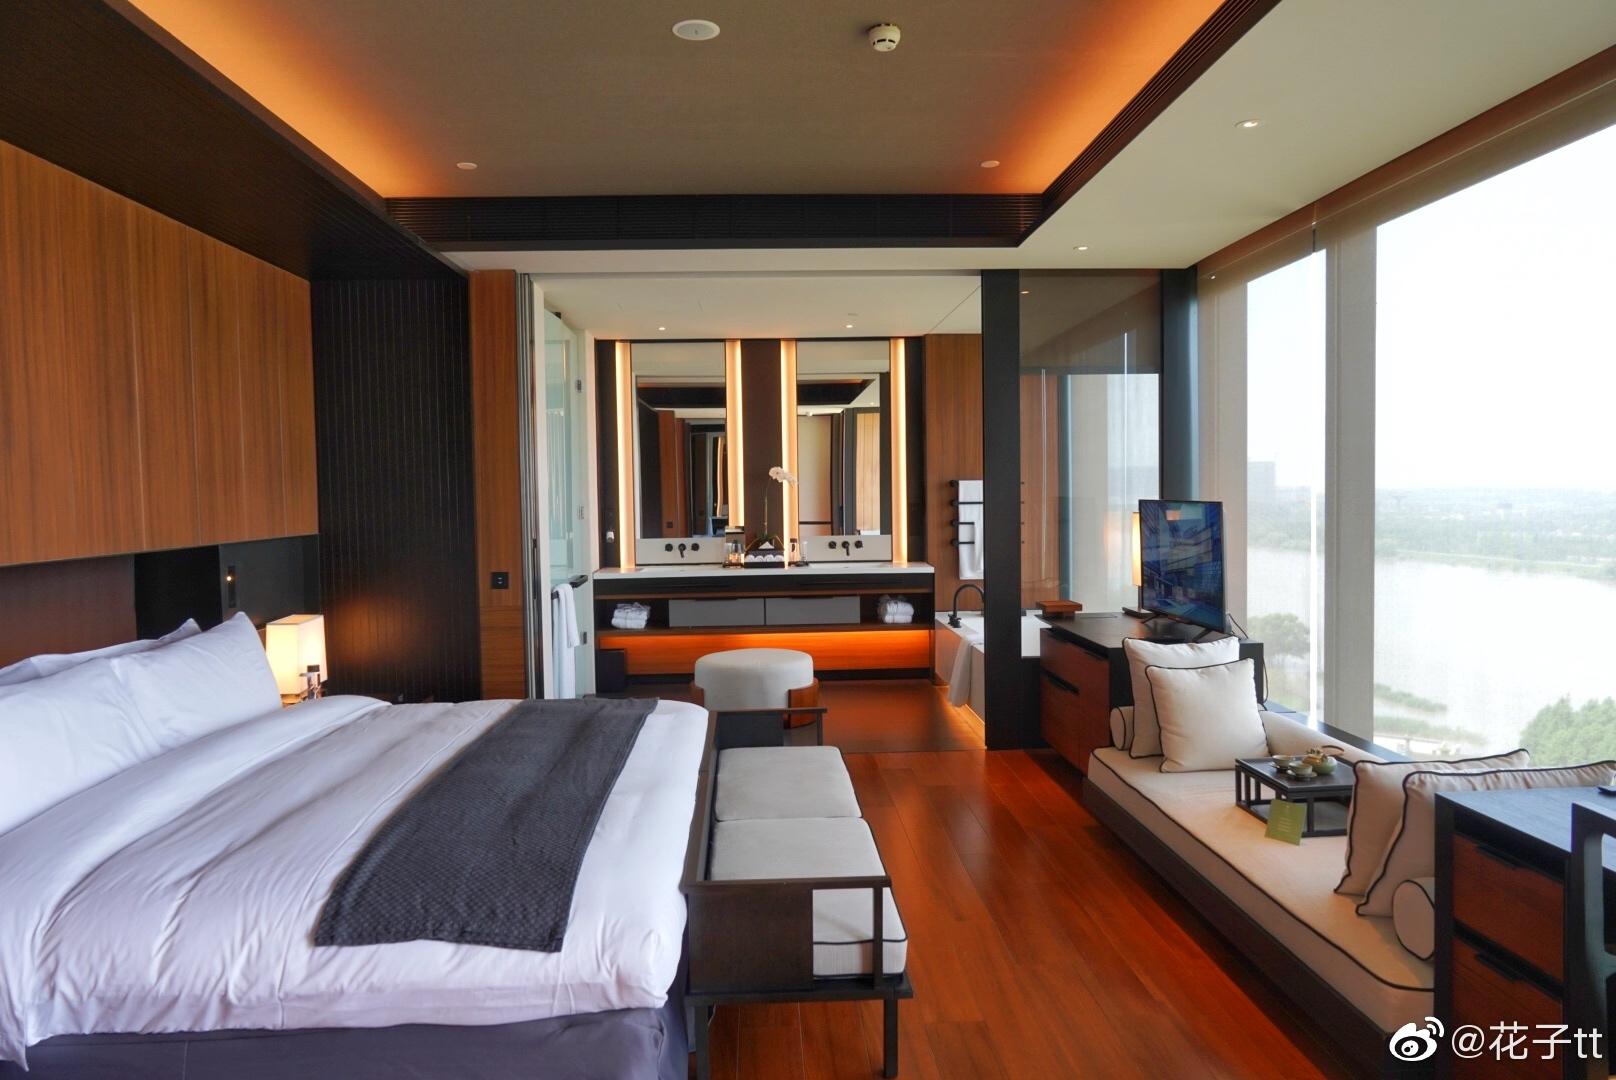 好多朋友问南京涵碧楼和青岛的哪家更好,才发现酒店的图都没有发